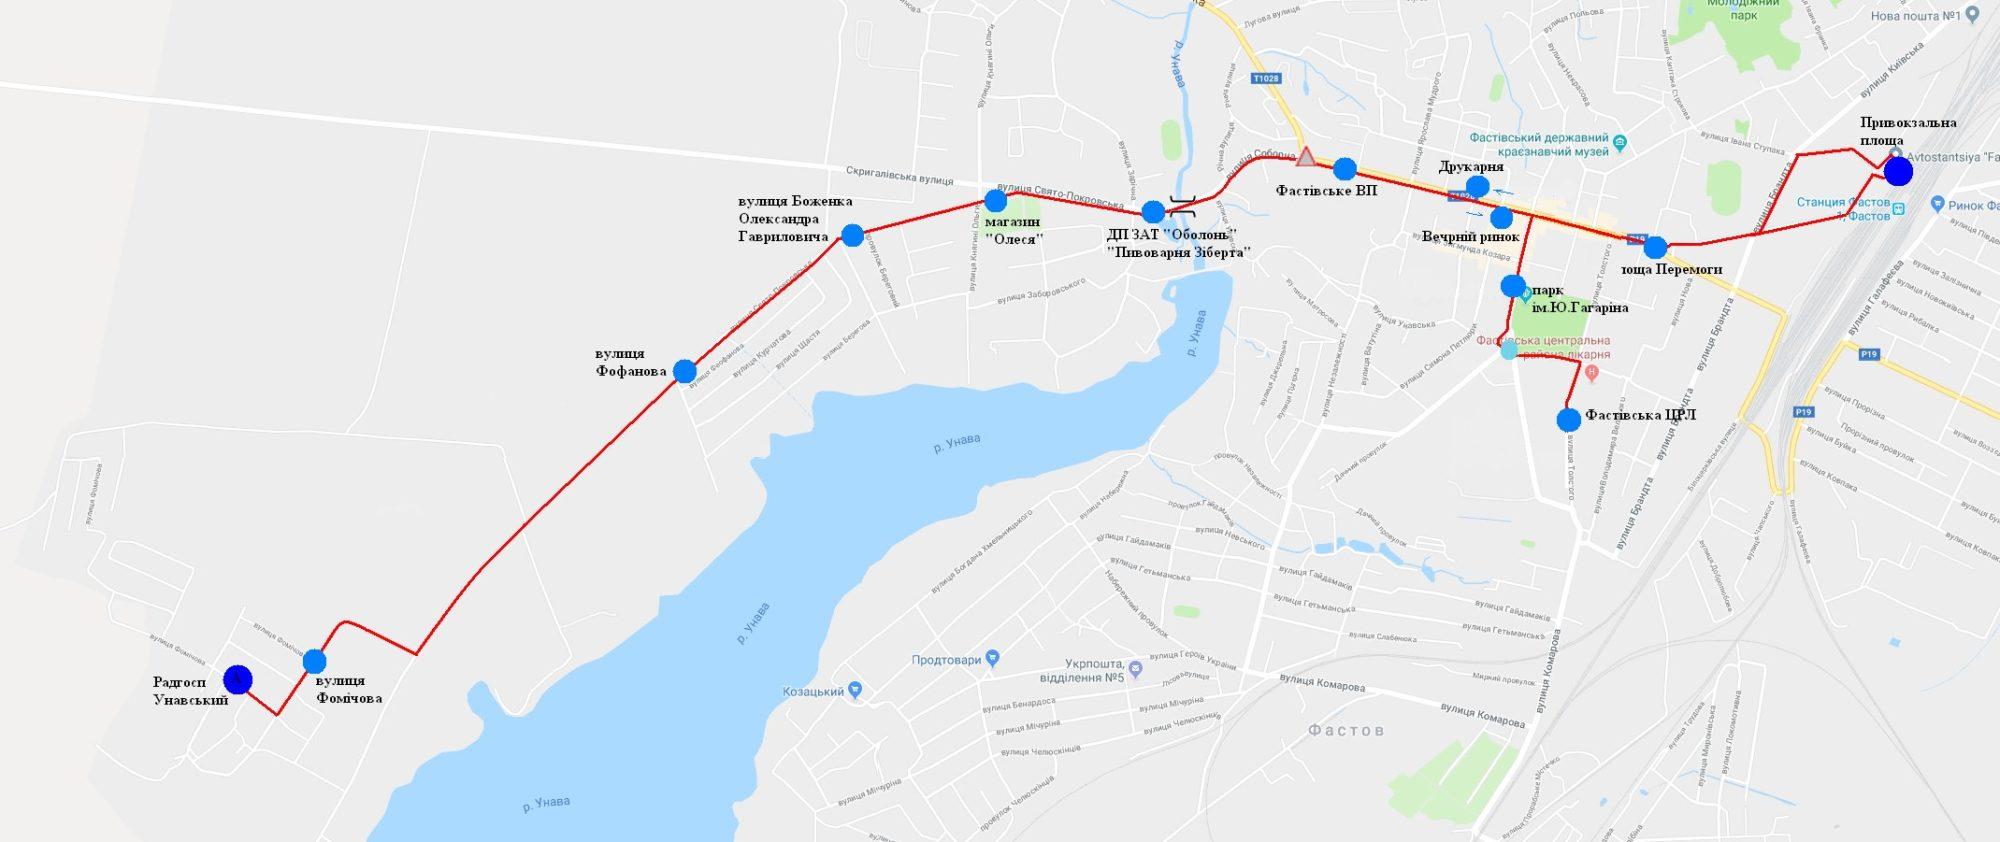 У Фастові оприлюднили уточнений розклад міських перевезень за перепустками - Фастів, карантин - Marshrut 3 2000x842